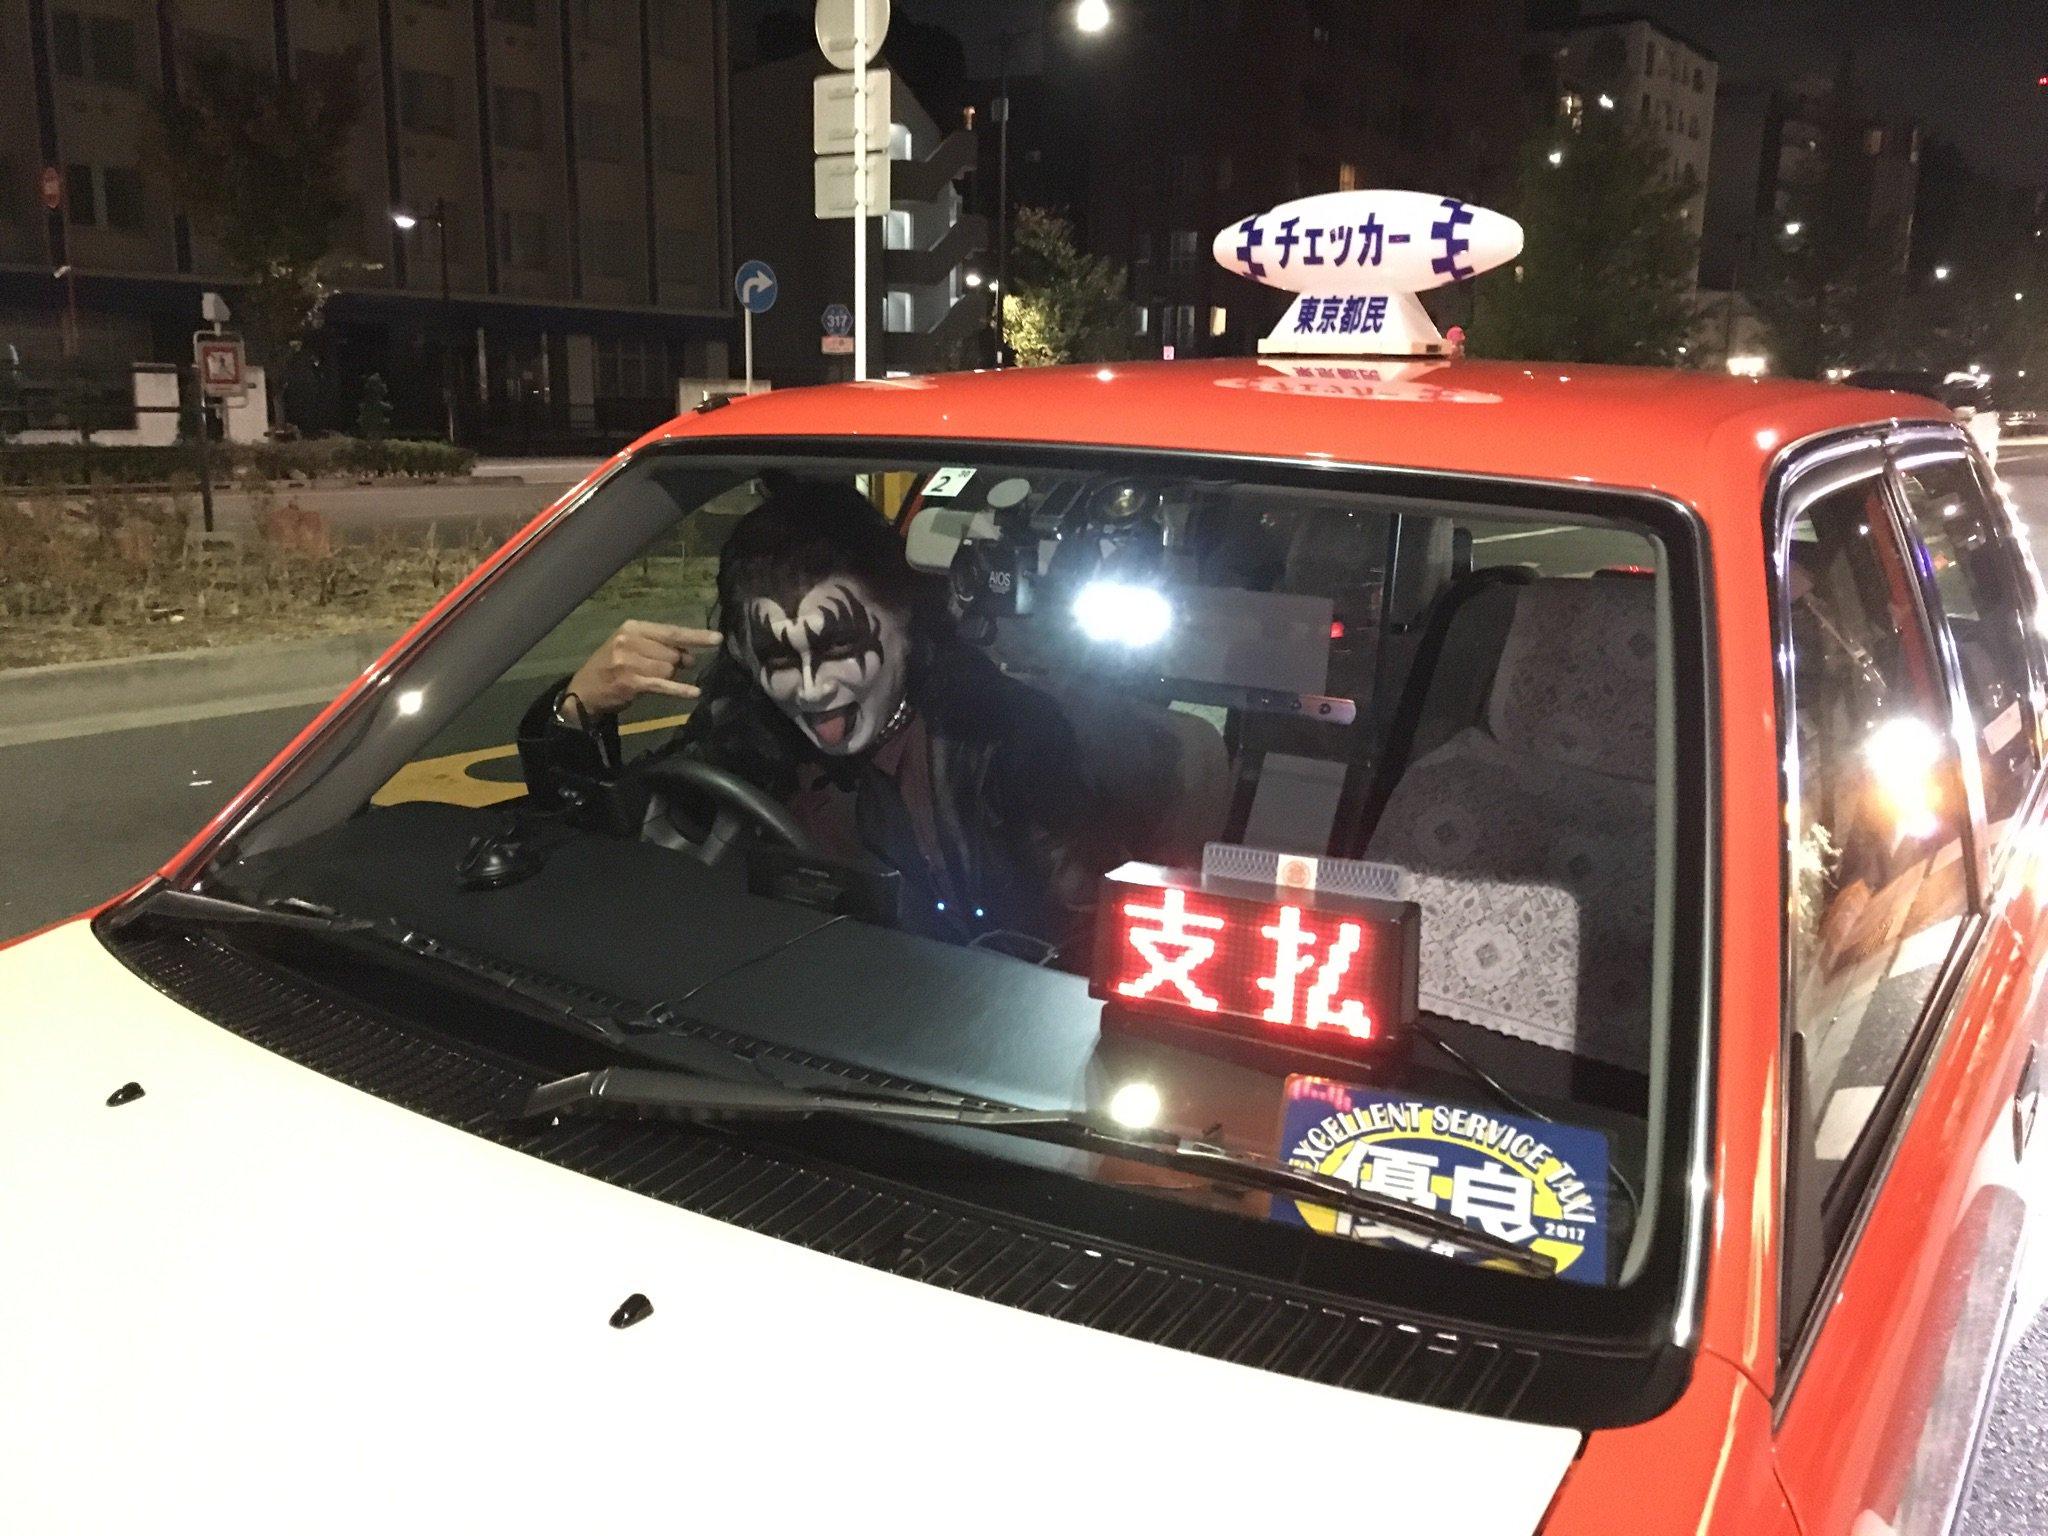 クオリティの高いKISSのハロウィンコスプレをしたタクシー運転手www